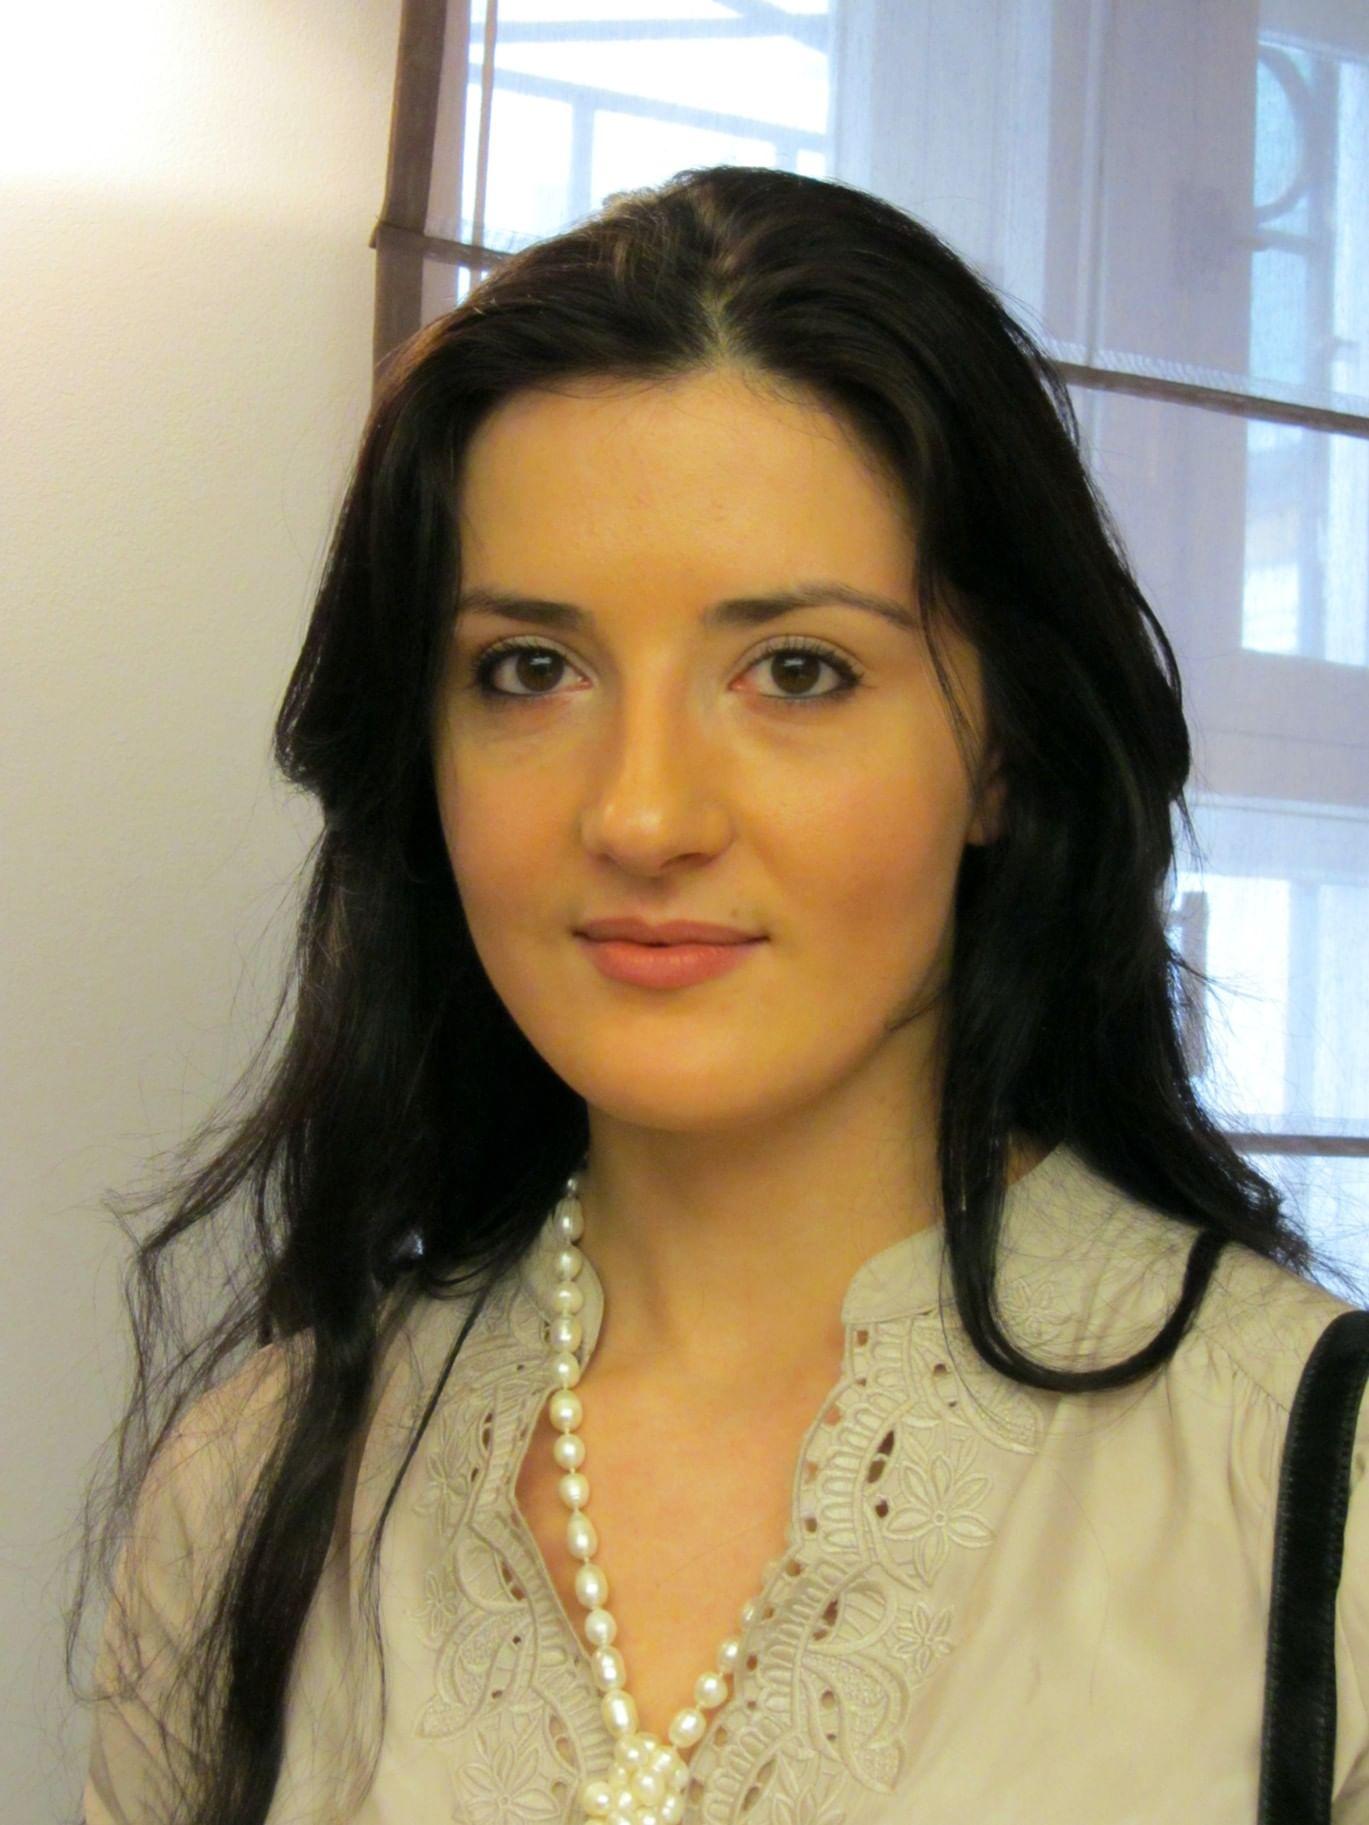 Топ-5 современных писателей, которых важно знать. Галерея 4. Алиса Ганиева